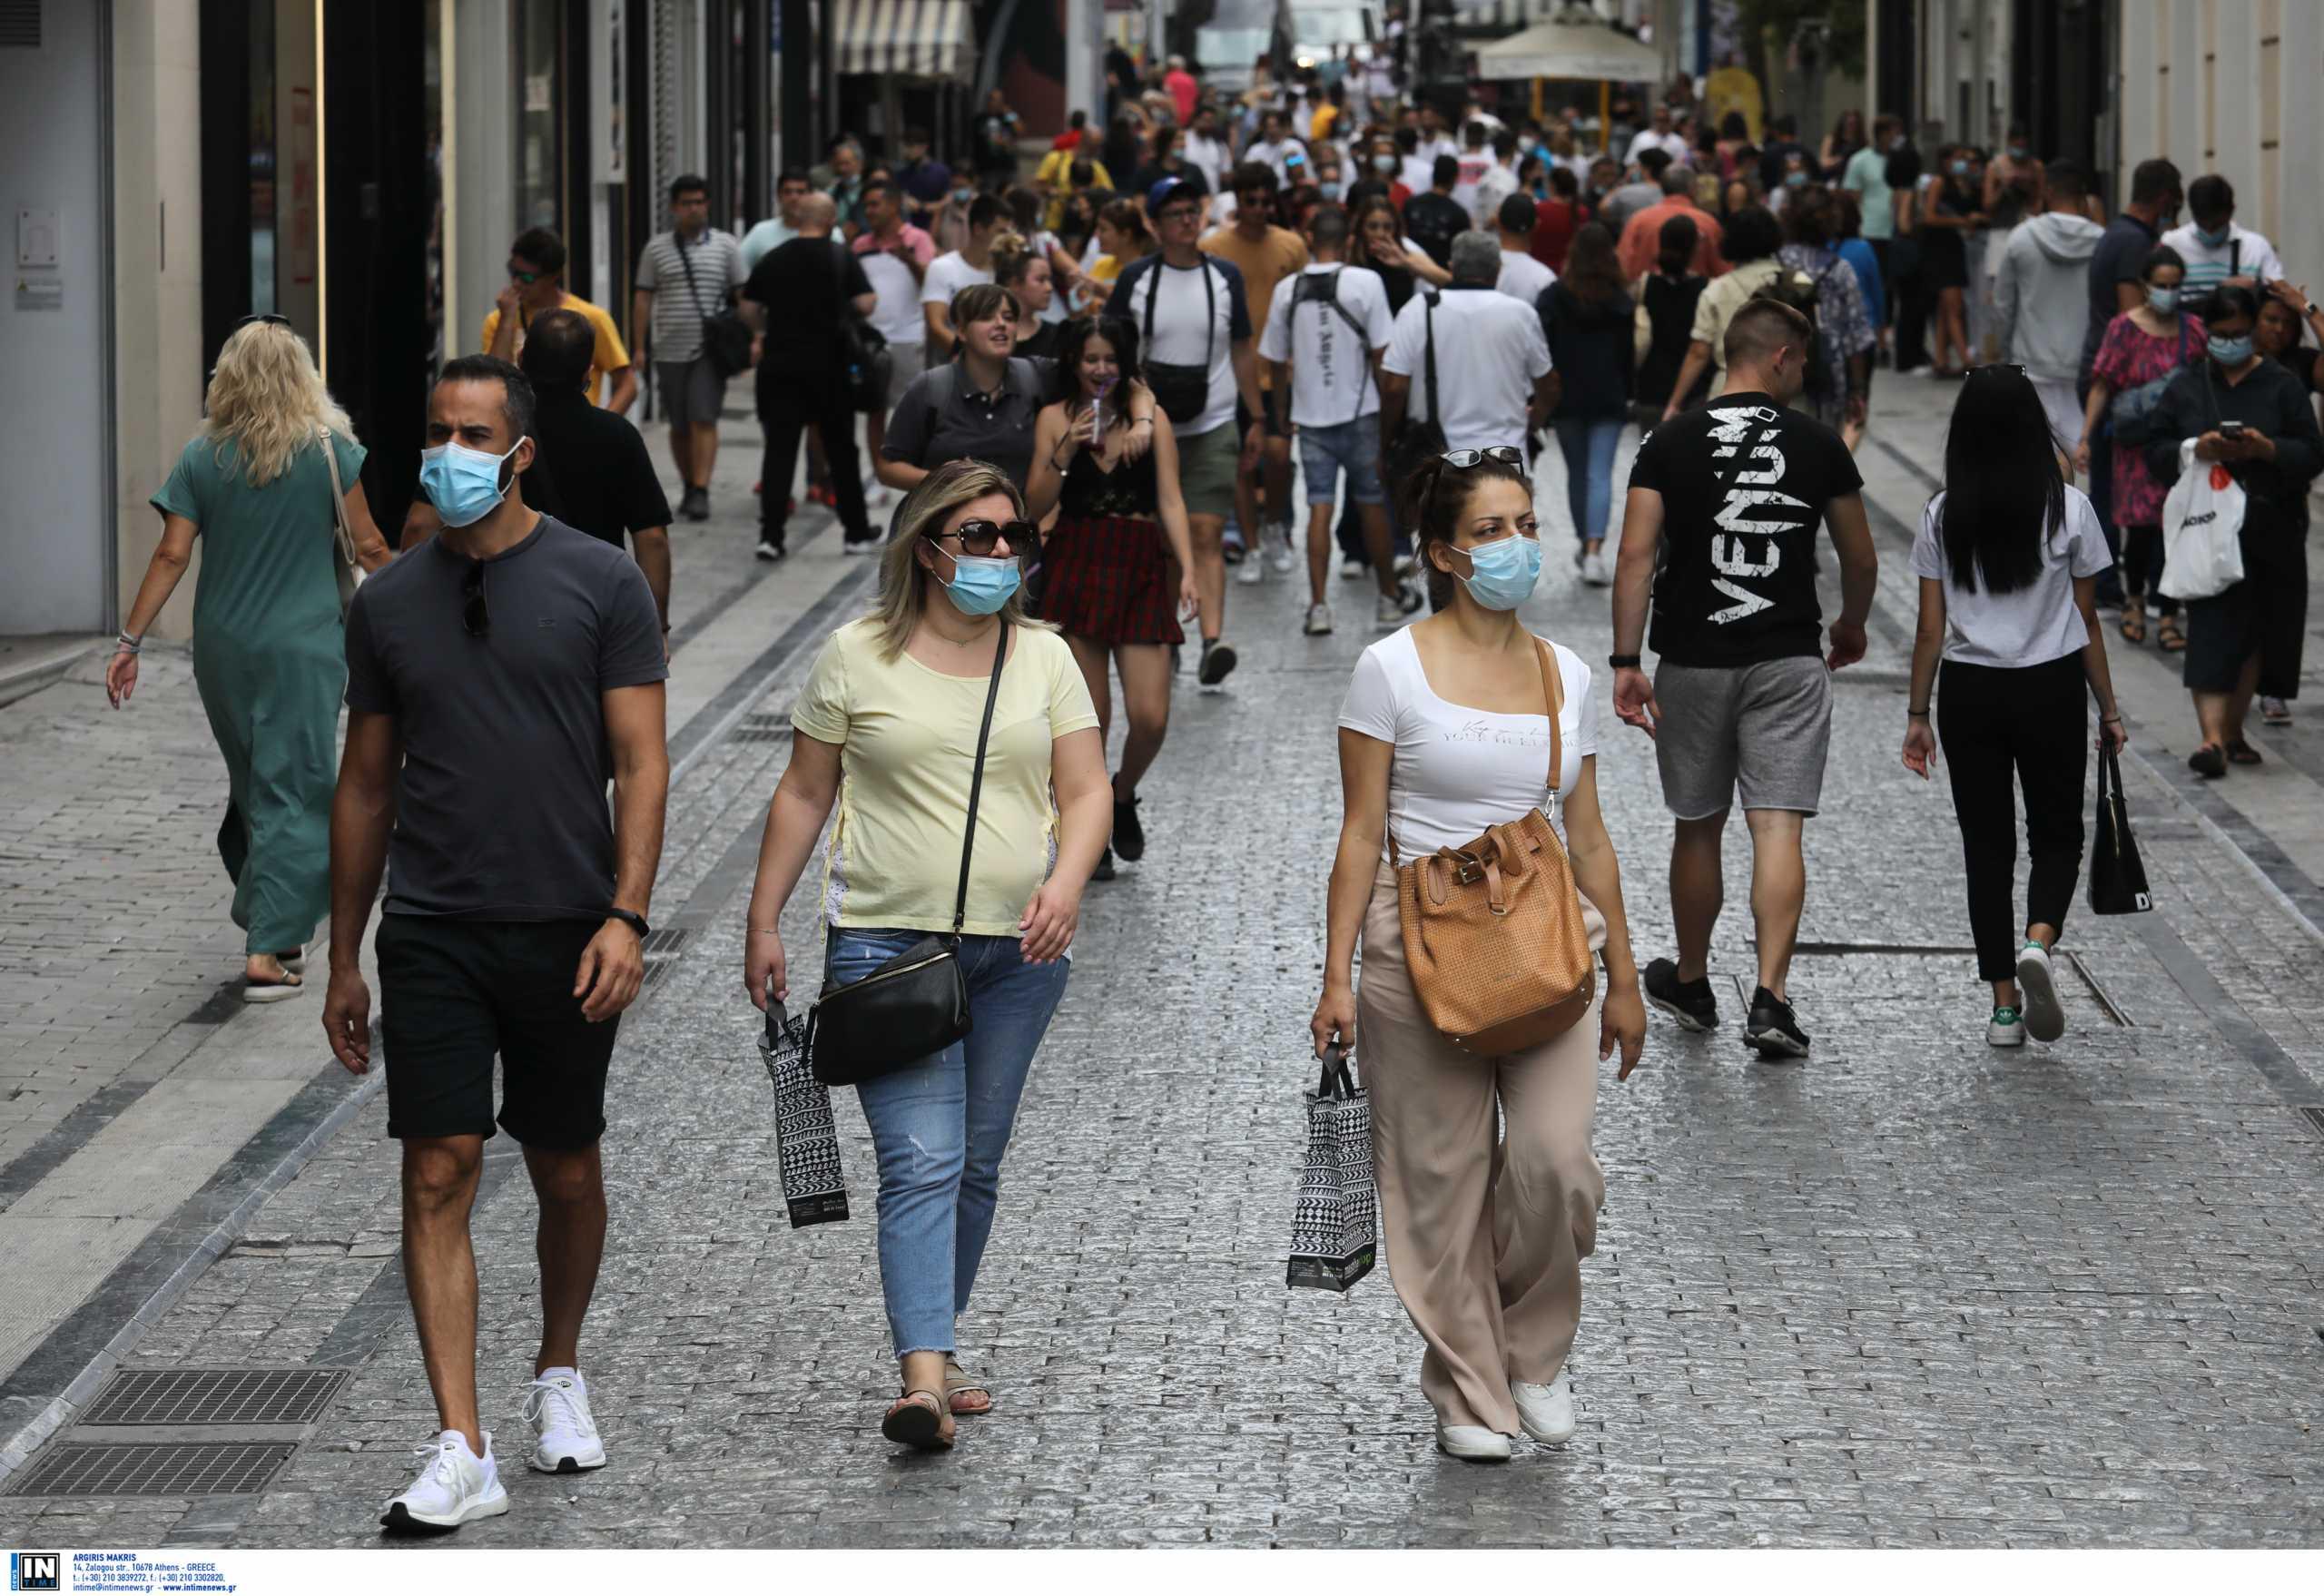 Κορονοϊός: Πώς μπορούμε να ενισχύουμε καθημερινά το ανοσοποιητικό μας σύστημα